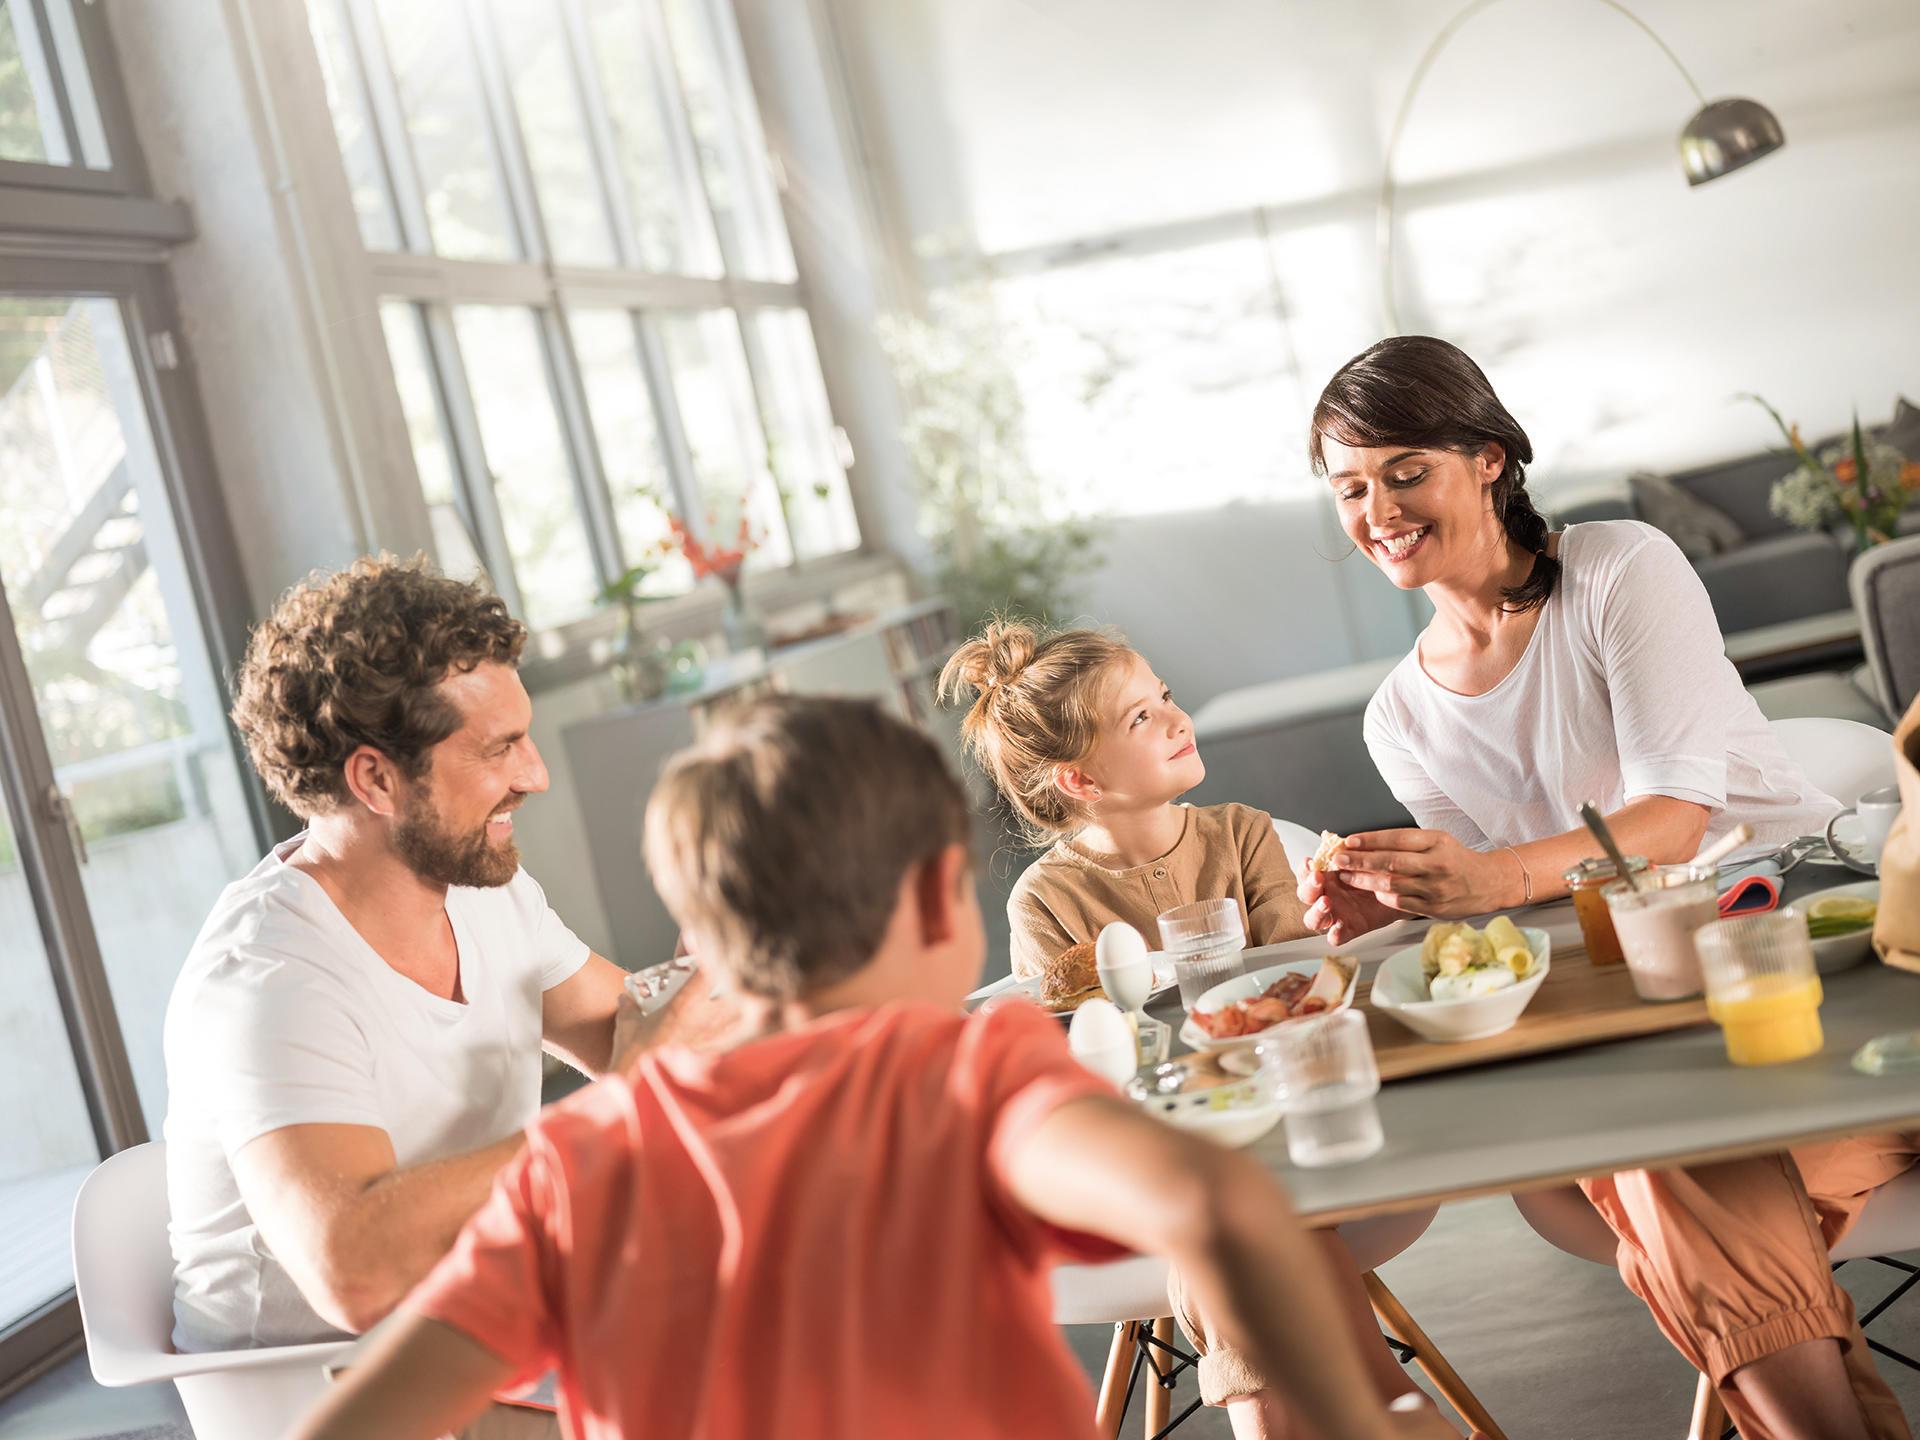 Morgengold Frühstückdienste ist Ihr Brötchenlieferservice in Kulmbach, Kupferberg, Bayreuth, Pegnitz, Mainleus, Neuenmarkt und Umgebung. Wir liefern Ihnen frische Brötchen direkt an die Haustüre - auch an Sonntagen und Feiertagen.   Frühstück bestellen, Frühstücksservice, Frühstück Lieferservice, Brötchen Lieferservice, Brötchen an die Haustüre, Brötchenservice, Brötchen bestellen, Frühstück liefern lassen, Brot online bestellen, Frühstücksdienst, Brötchenbringdienst, Frühstück nach Hause liefern lassen, Brötchendienst, Lieferservice Frühstück, Frühstückslieferdienst, Brötchen Lieferservice, Lieferdienst Frühstück, brunch lieferservice, sonntagsbrötchen, mobiler frühstücksservice, semmeln liefern lassen, brunch nach hause liefern lassen, brot nach hause liefern, brötchen bring service, online frühstück bestellen, semmel lieferservice, frühstück zum liefern, frühstück bringdienst, brötchen bringservice, lieferservice brötchen, brot lieferservice, Lieferservice Corona Virus, Lieferdienst Corona Virus, Lieferservice COVID-19, Lieferdienst COVID-19, Frühstücksdienst in meiner Nähe, Frühstück Lieferservice, Frühstück Lieferservice in meiner Nähe, brötchen online bestellen, brot bestellen